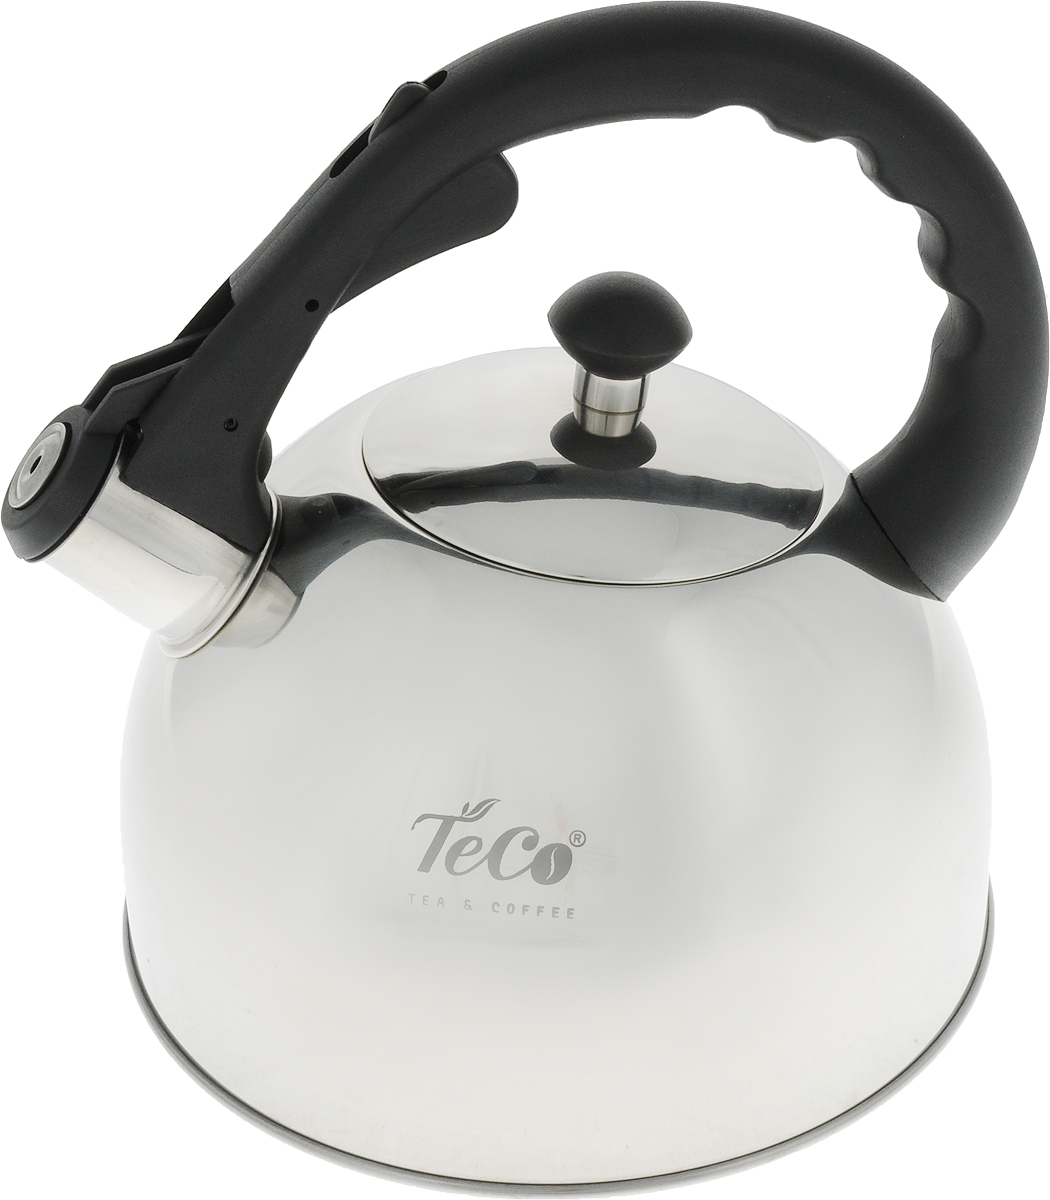 Чайник Teco, со свистком, цвет: серый, черный, 3 л. TC-118TC-118Чайник Teco выполнен из высококачественной нержавеющей стали, которая не окисляется и не впитывает запахи, напитки всегда будут ароматны. Фиксированная ручка, изготовленная из металла и бакелита, снабжена клавишей для открывания носика, что делает использование чайника очень удобным и безопасным. Носик снабжен свистком, что позволит вам контролировать процесс подогрева или кипячения воды.Эстетичный и функциональный чайник будет оригинально смотреться в любом интерьере.Подходит для всех типов плит, кроме индукционных. Можно мыть в посудомоечной машине.